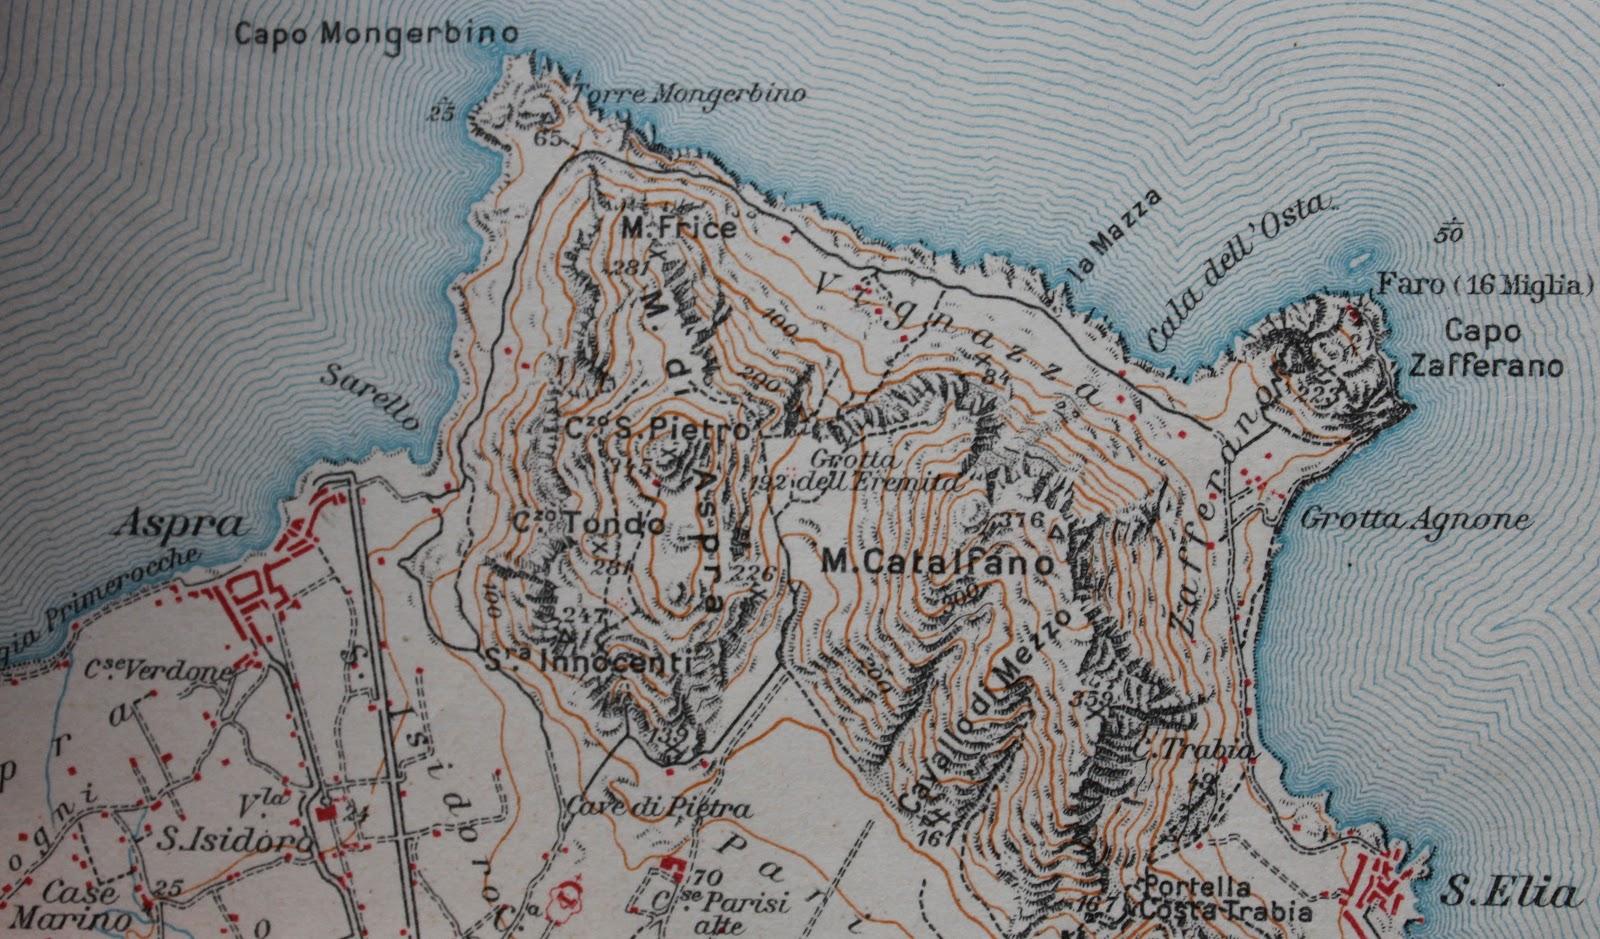 Reportagesicilia 2012 una visione topografica della zona di capo zafferano in scala 150000 tratta dalla carta geografica palermo la conca doro e dintorni thecheapjerseys Images